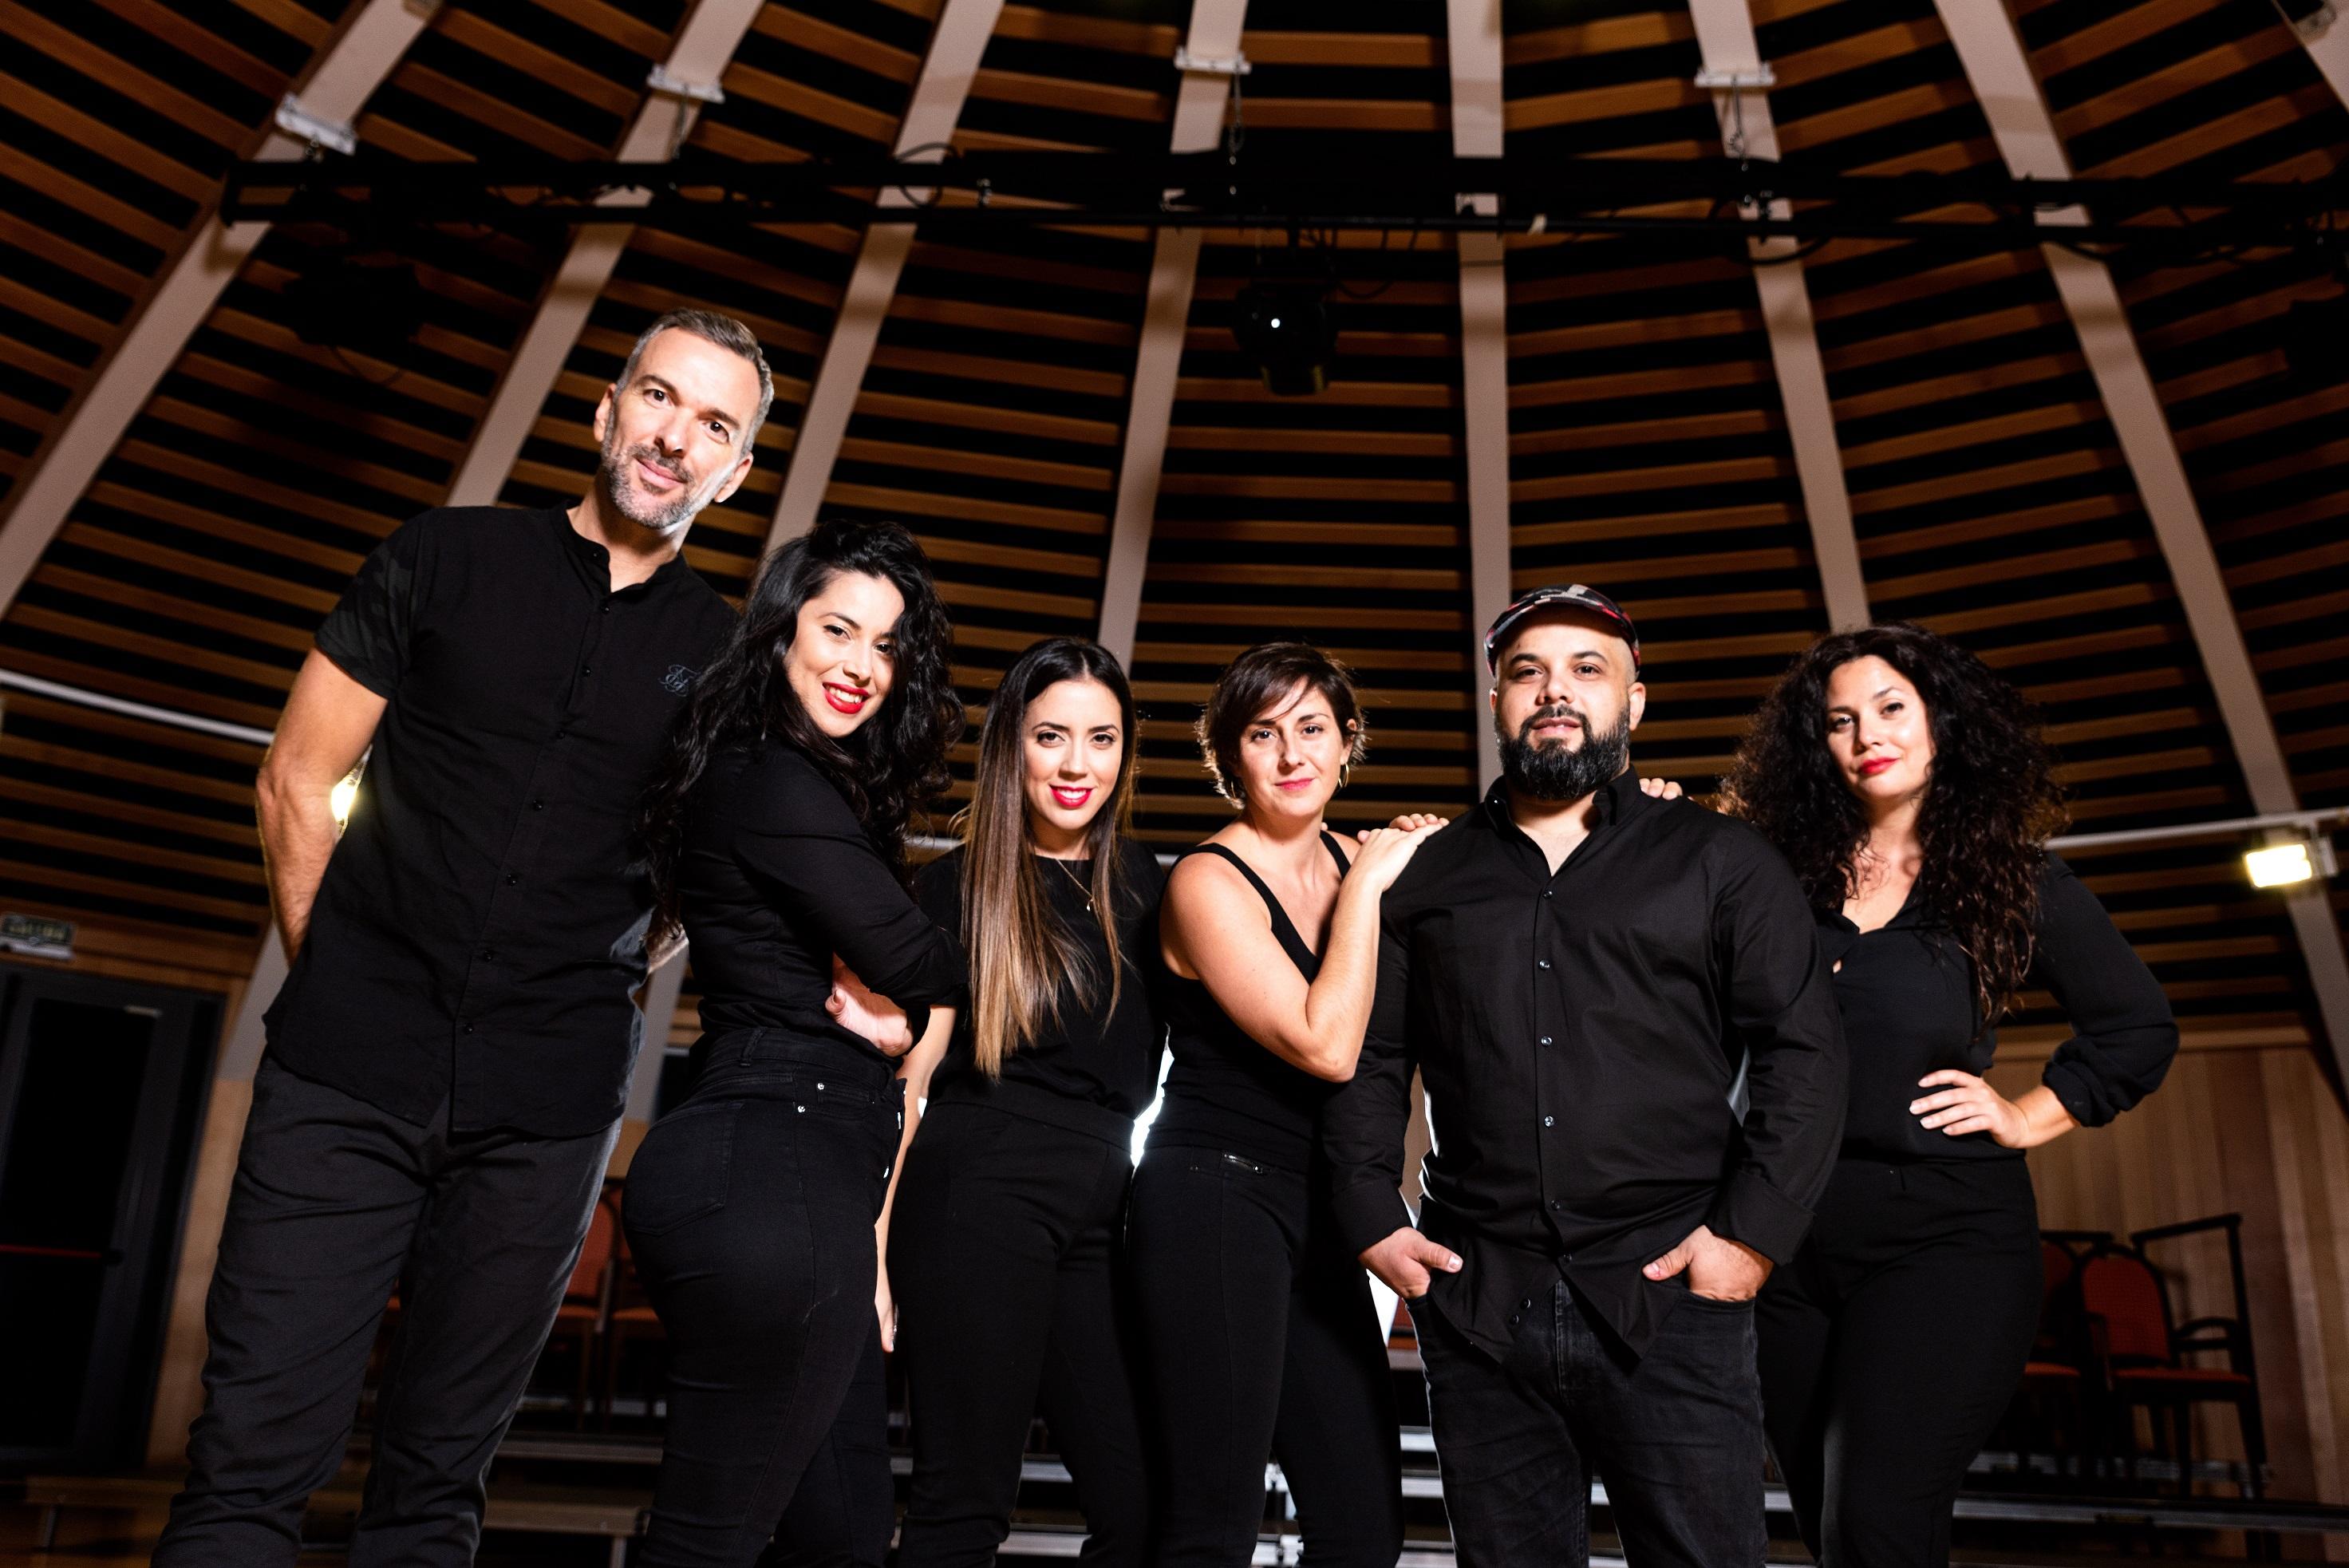 """Naturally impregna del mejor sonido góspel """"Los Conciertos del Otoño"""" CajaCanarias"""